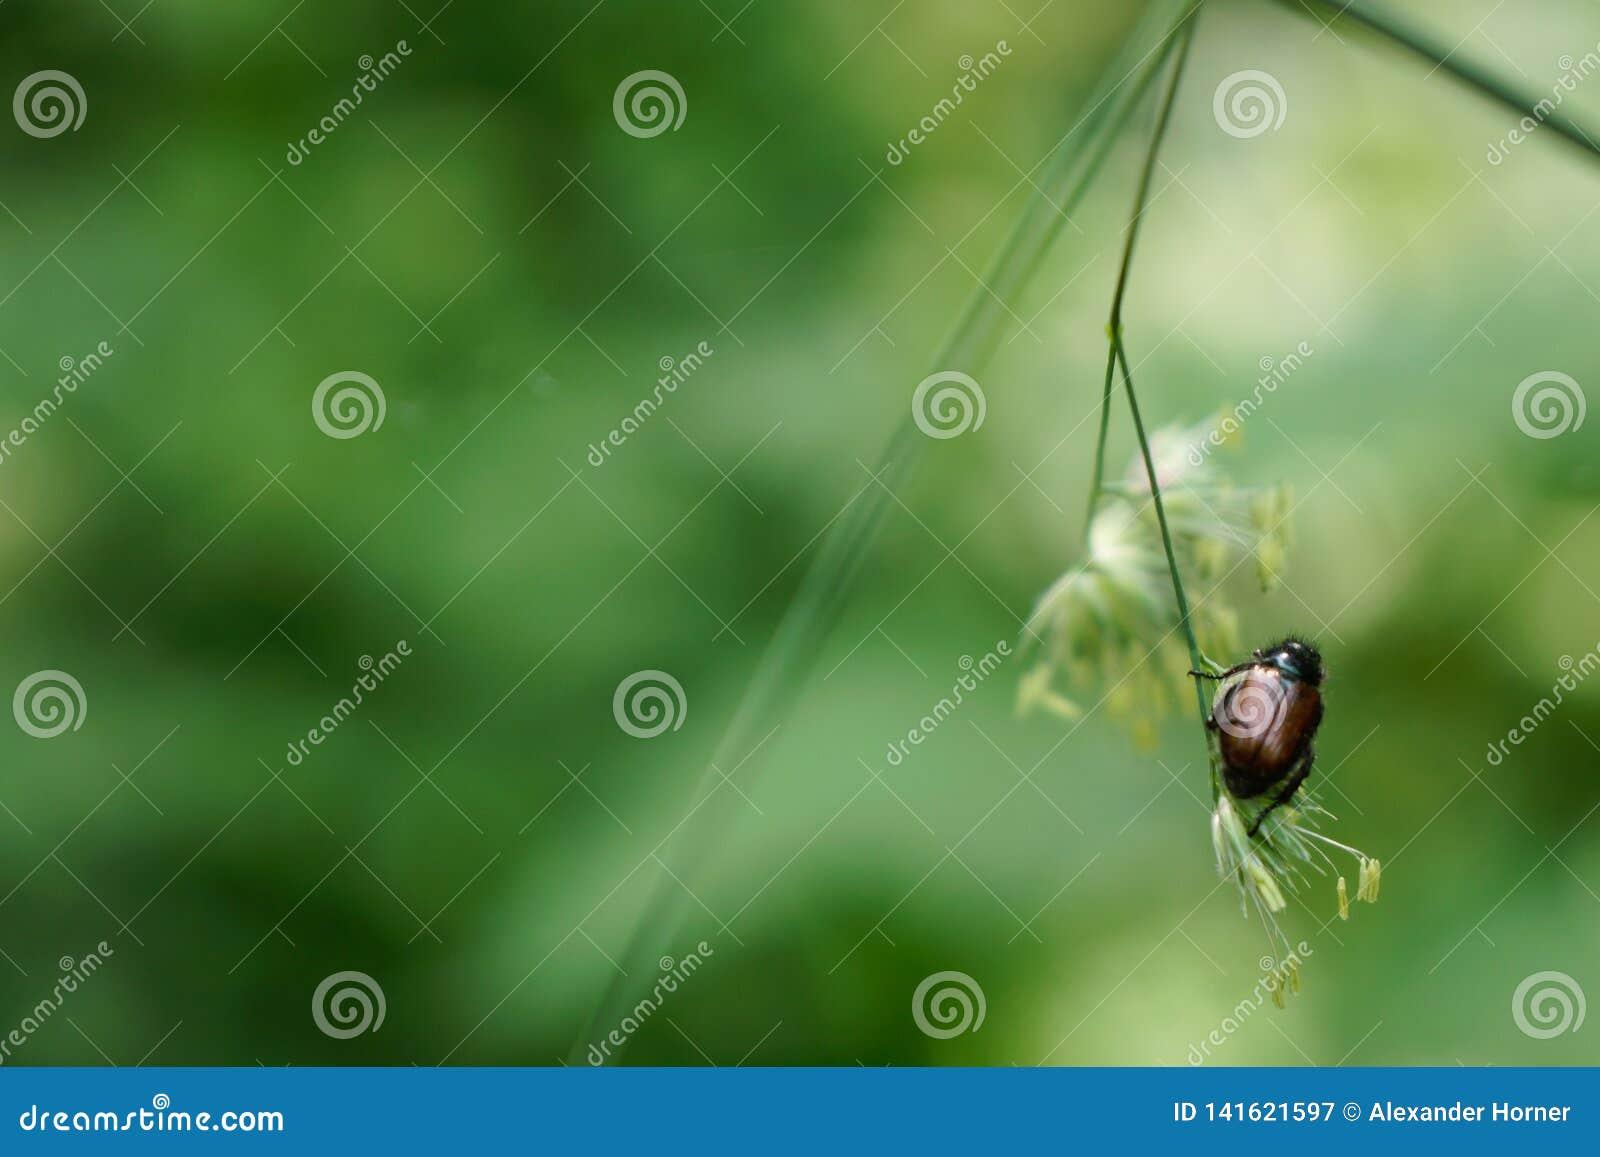 Chafer de zitting van de insectenkever op gras voor groene achtergrond